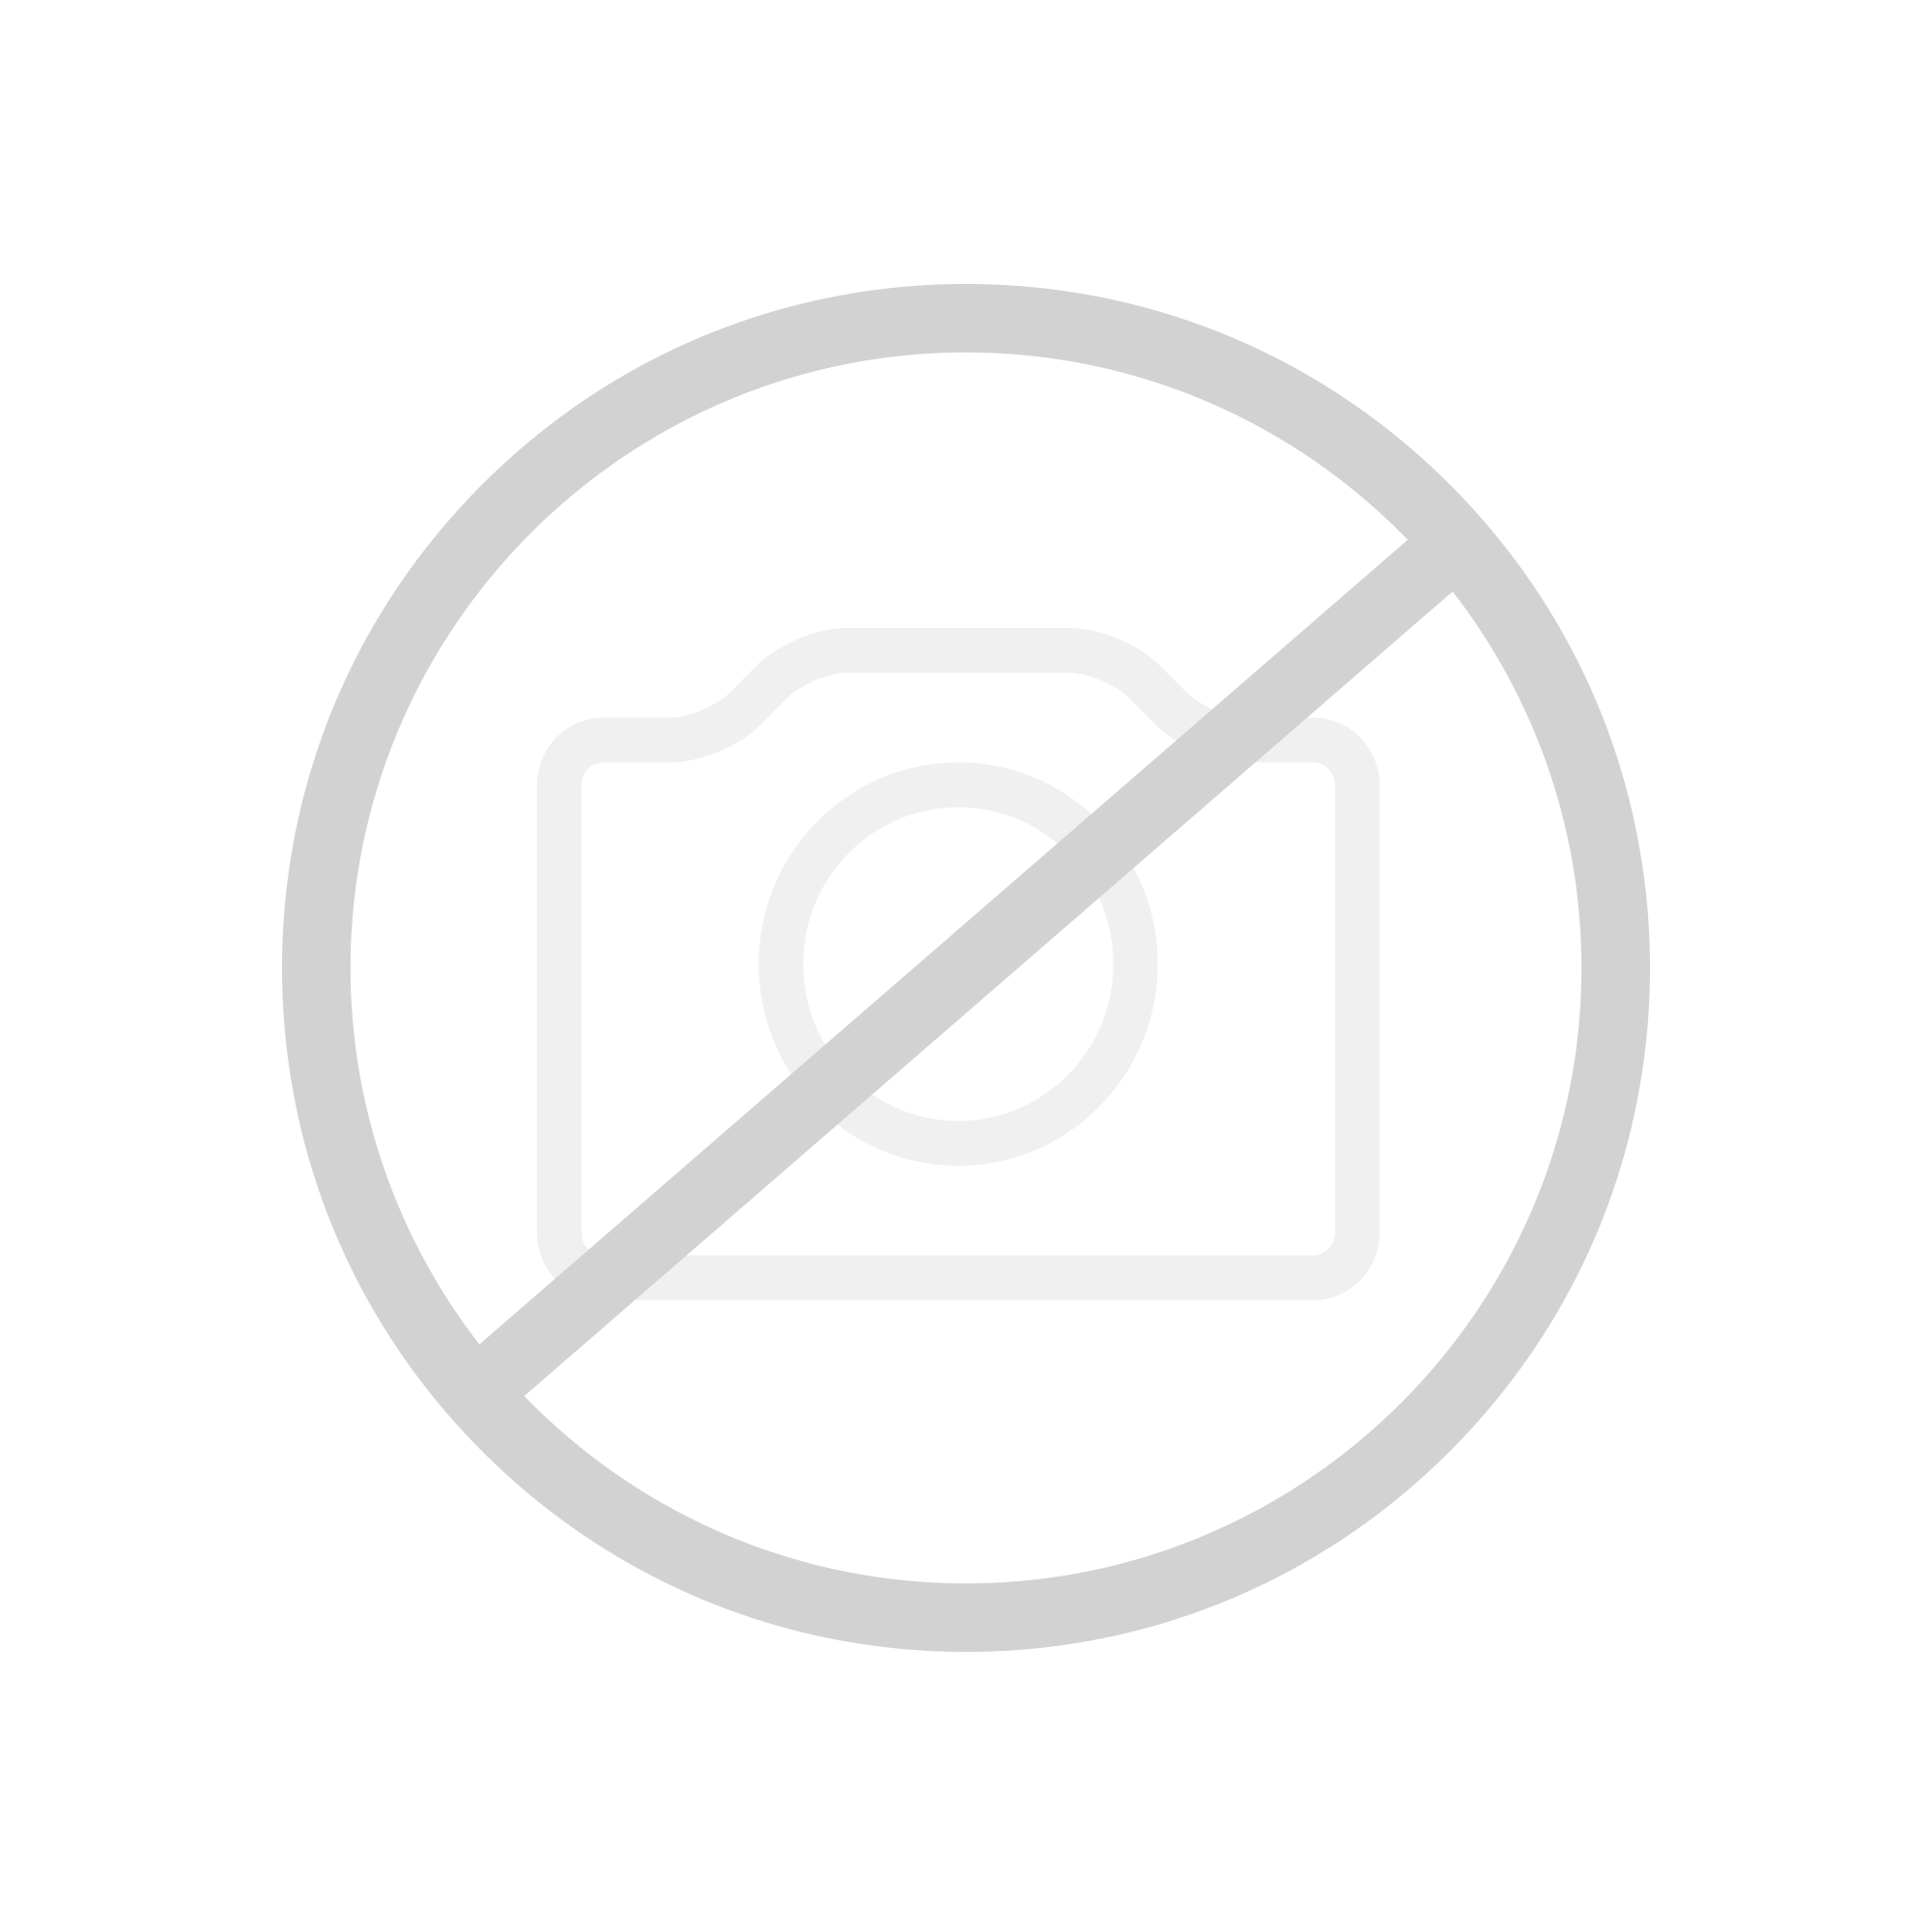 Victoria + Albert Cheshire freistehende Badewanne weiß, mit weißen QUARRYCAST®  Füßen